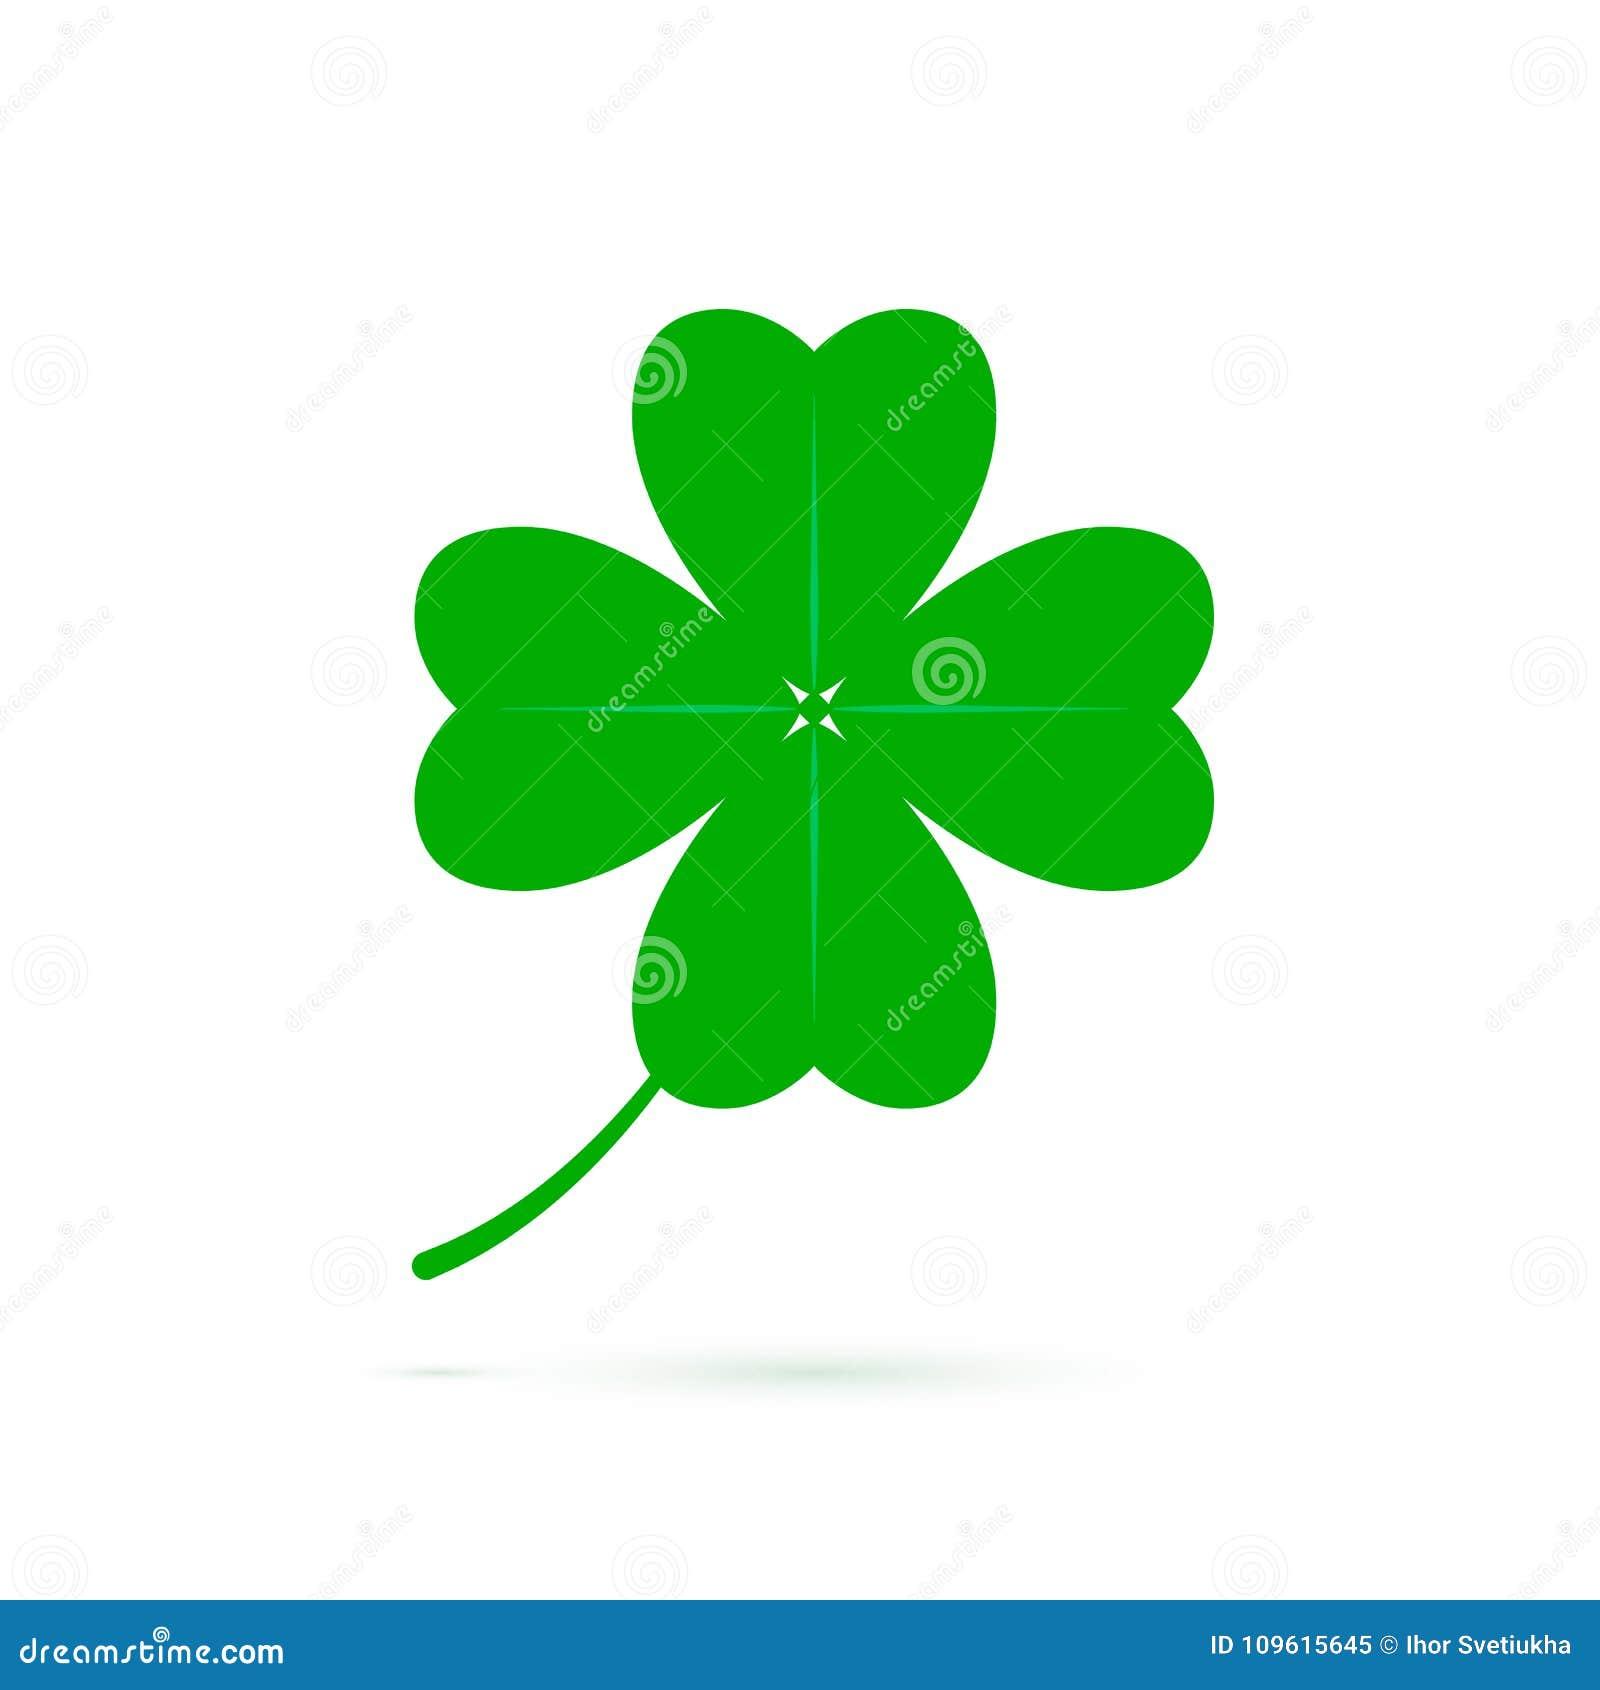 Σύμβολο τριφυλλιού τεσσάρων φύλλων της τύχης Πράσινο εικονίδιο τριφυλλιού που απομονώνεται στο άσπρο υπόβαθρο Σύμβολο της ημέρας